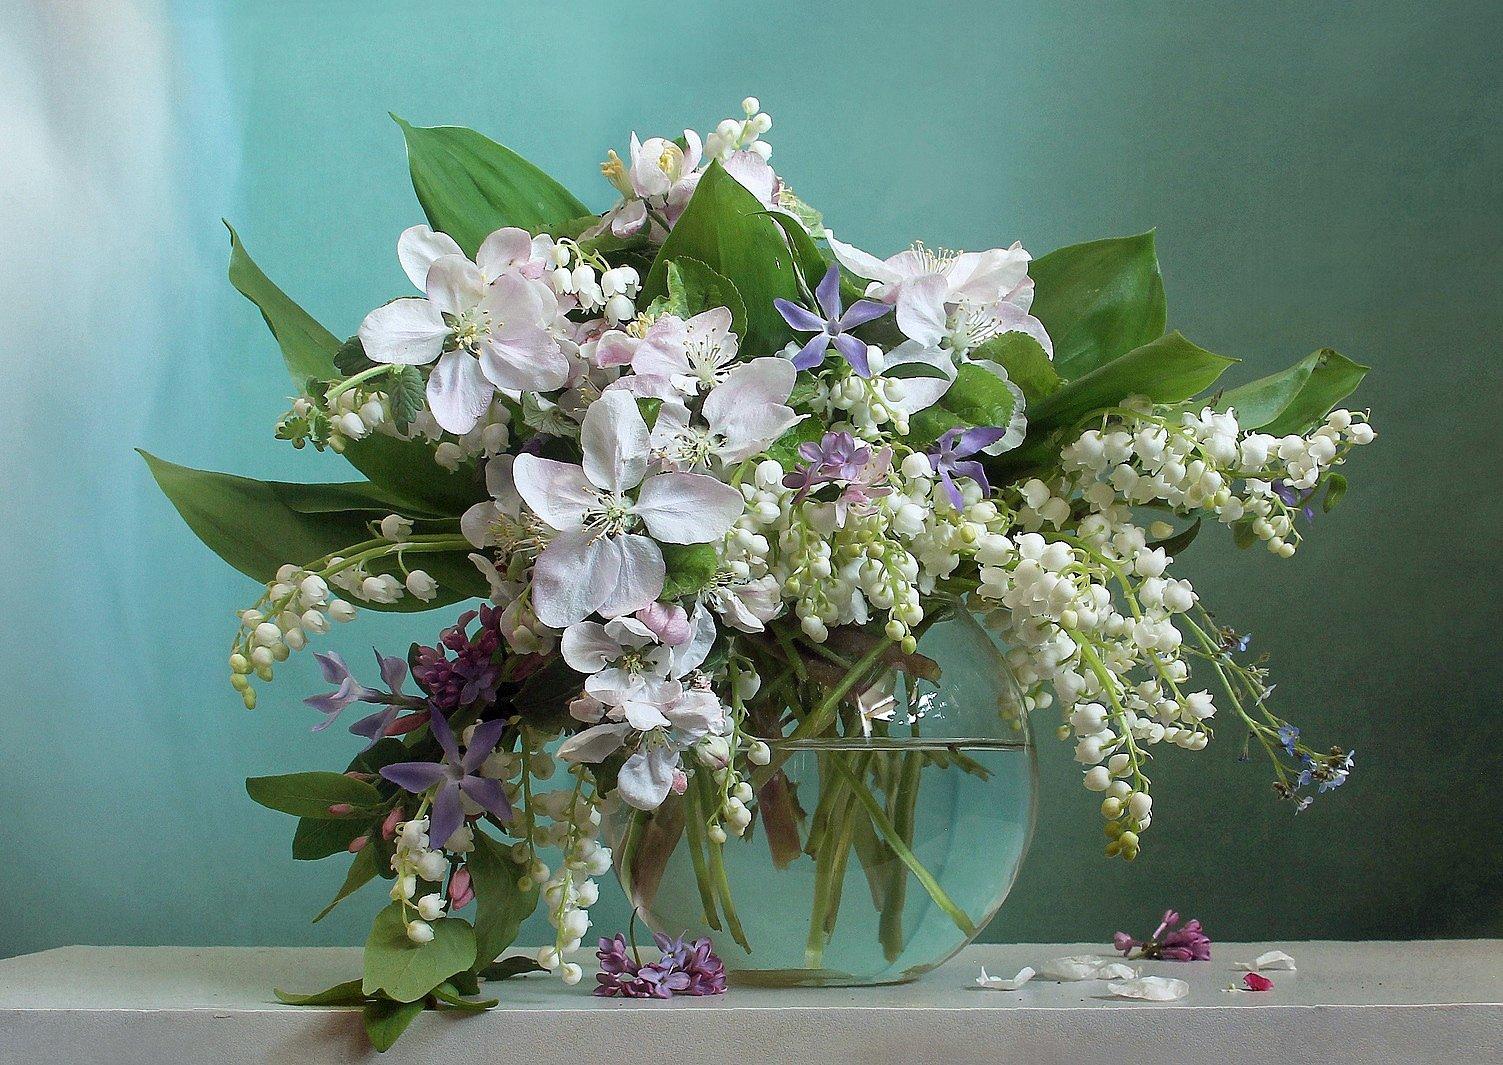 весна, натюрморт, букет цветов, ландыши, марина филатова, Филатова Марина